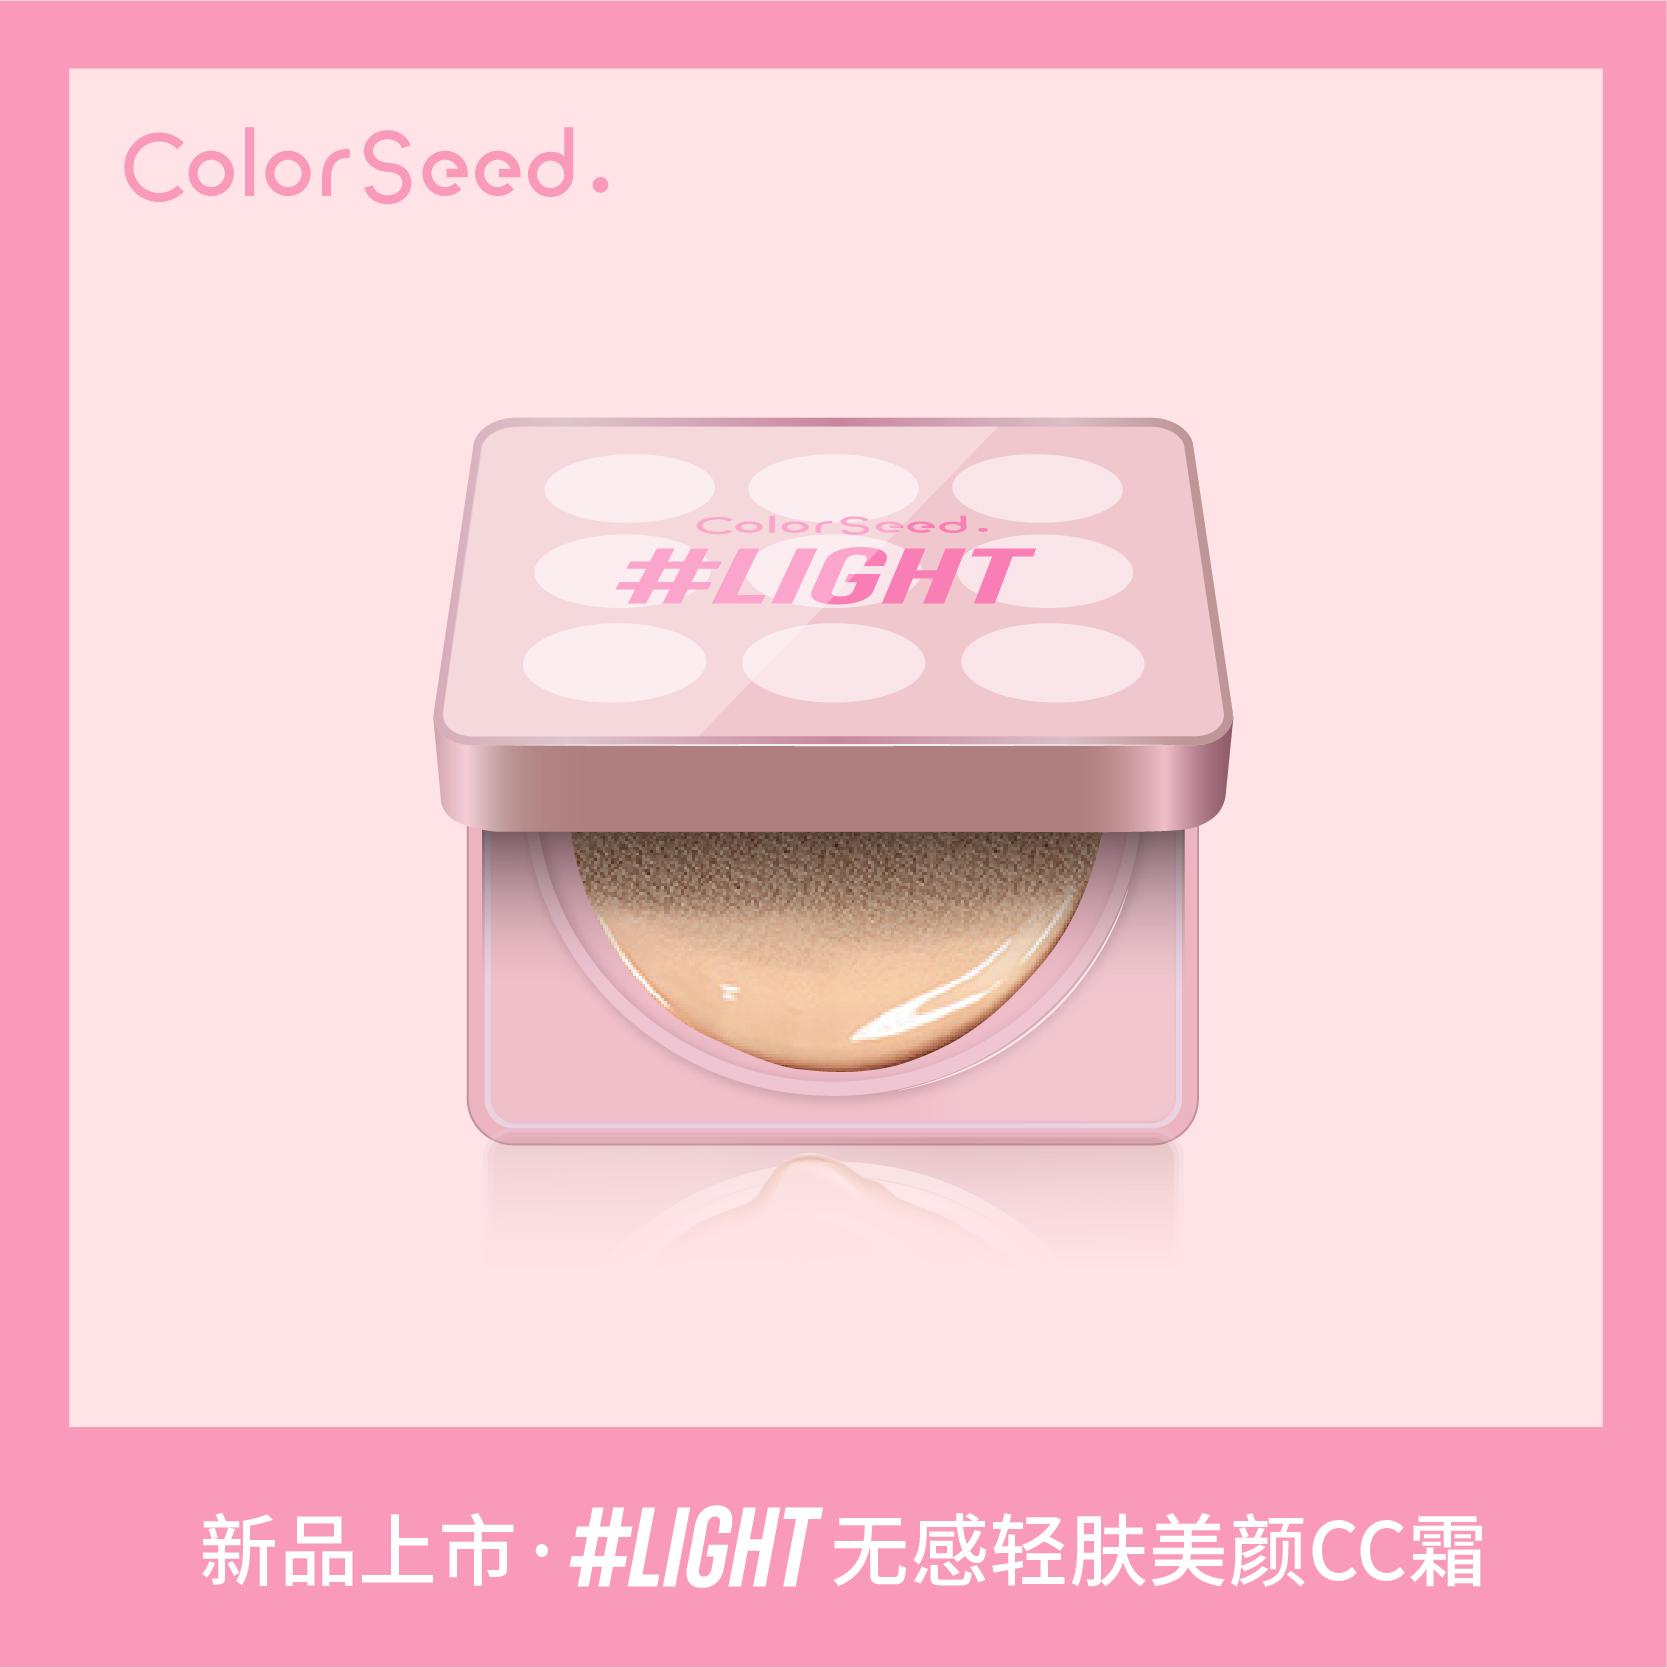 多情COLORSEED LIGHT气垫CC美颜霜遮瑕持久保湿提亮肤色bb霜上新图片